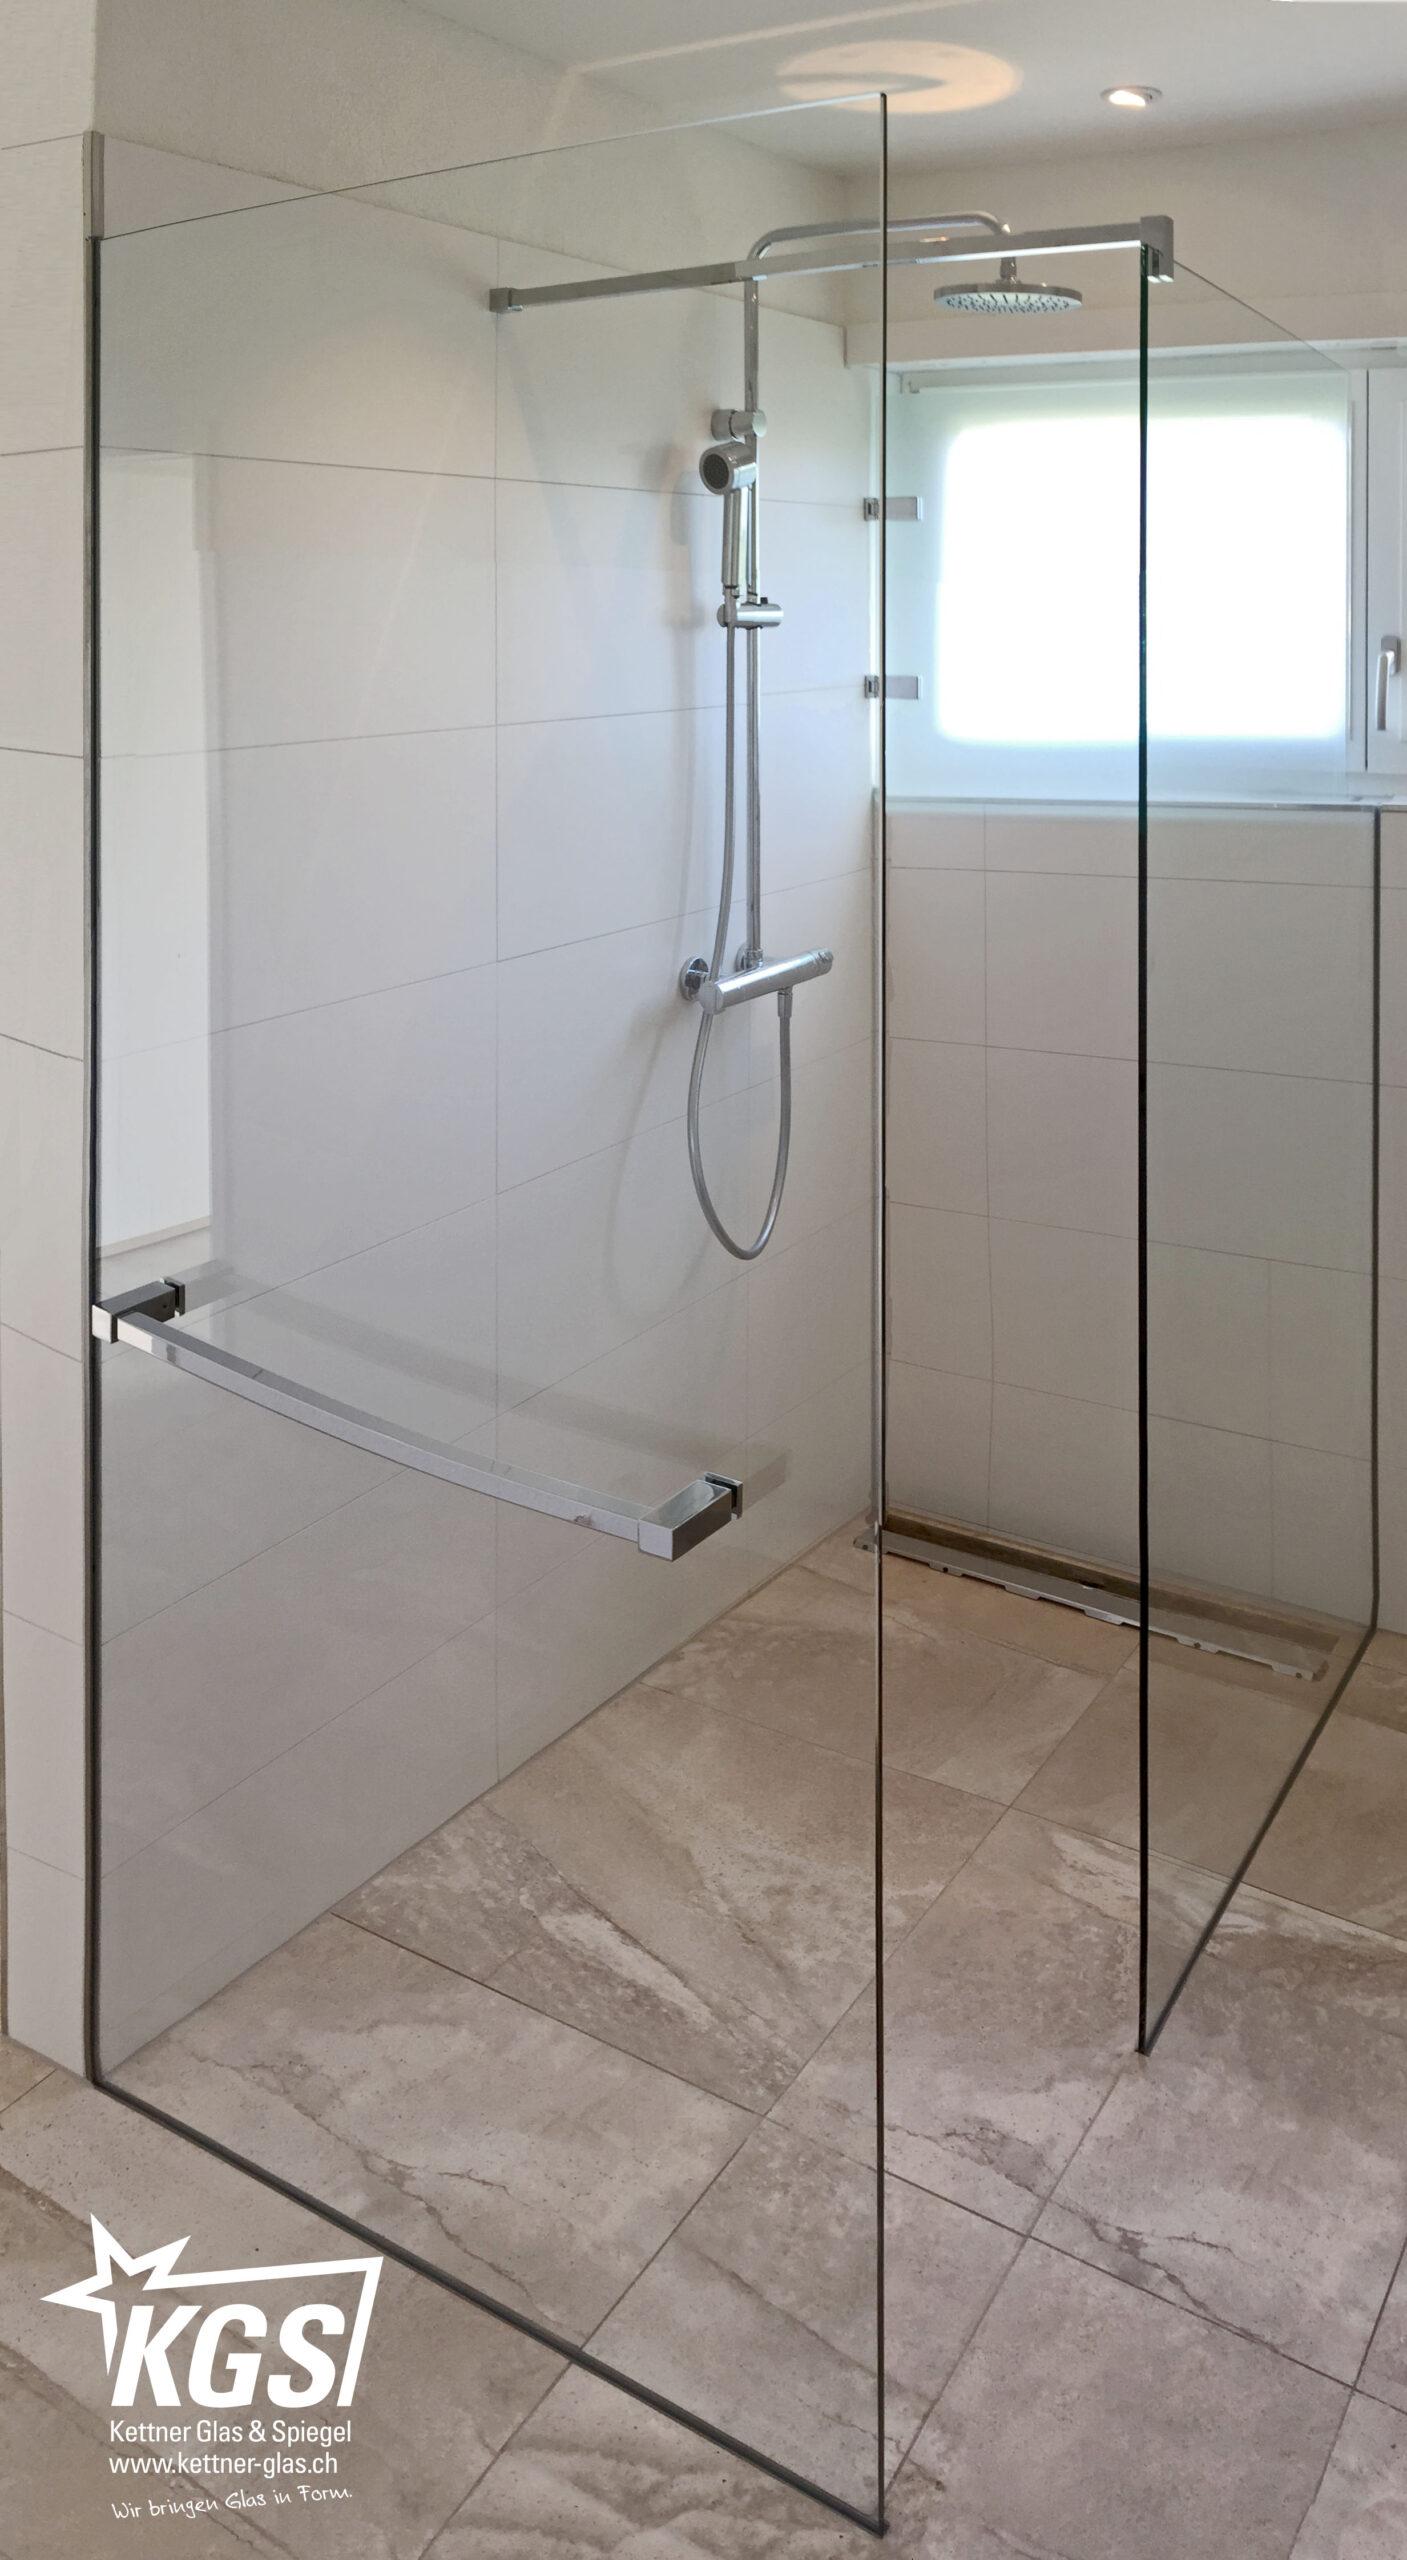 Full Size of Glastrennwnde Duschtrennwnde Aus Klarglas Auch Showerguard Glas Thermostat Dusche Schulte Duschen Bidet Mischbatterie Glaswand Ebenerdige Antirutschmatte Dusche Glaswand Dusche